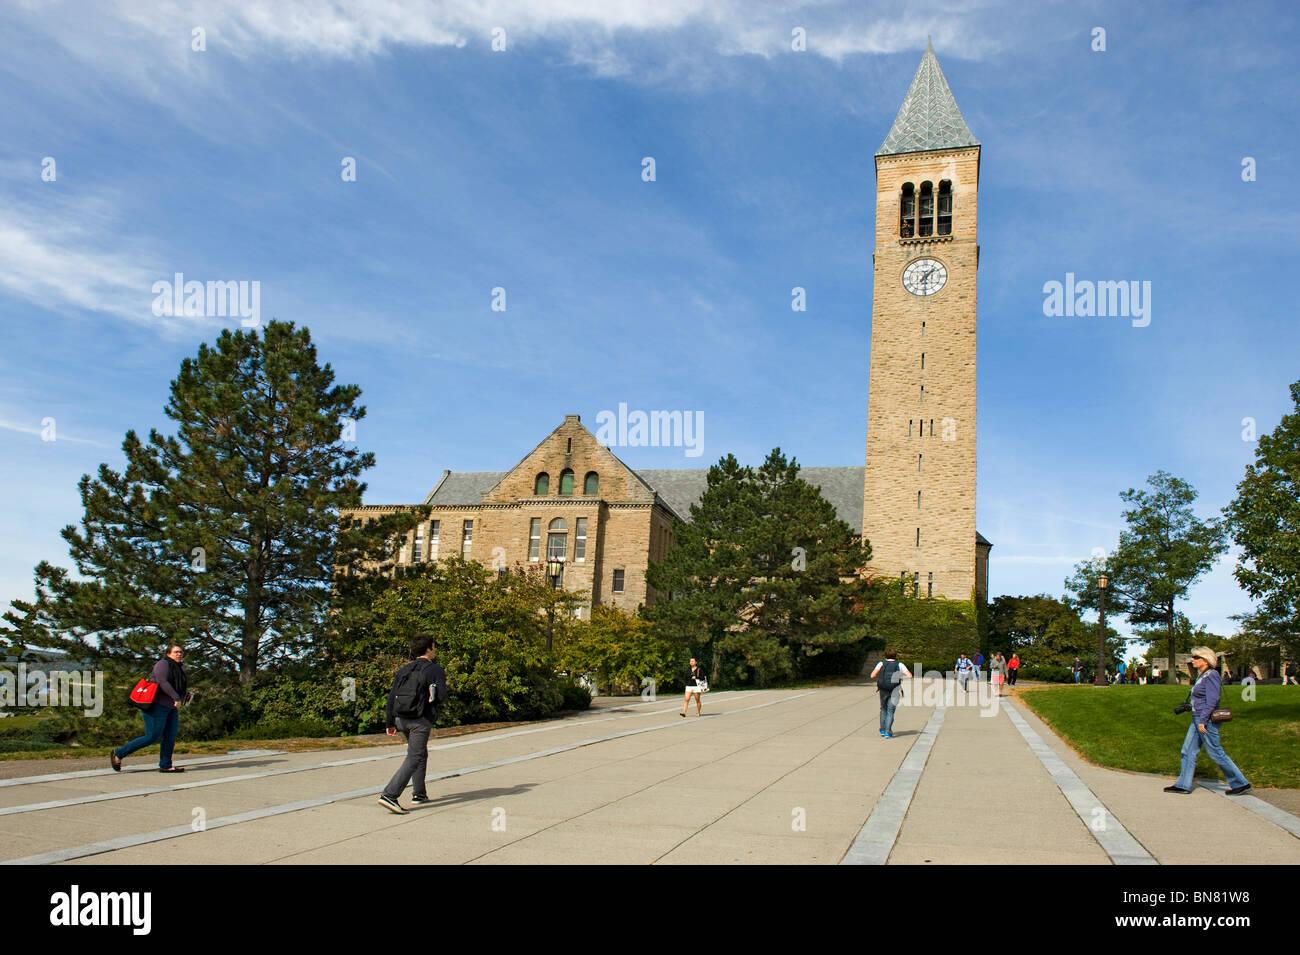 Torre McGraw y campanillas de Campus de la Universidad Cornell de Ithaca región de Finger Lakes de Nueva York Imagen De Stock